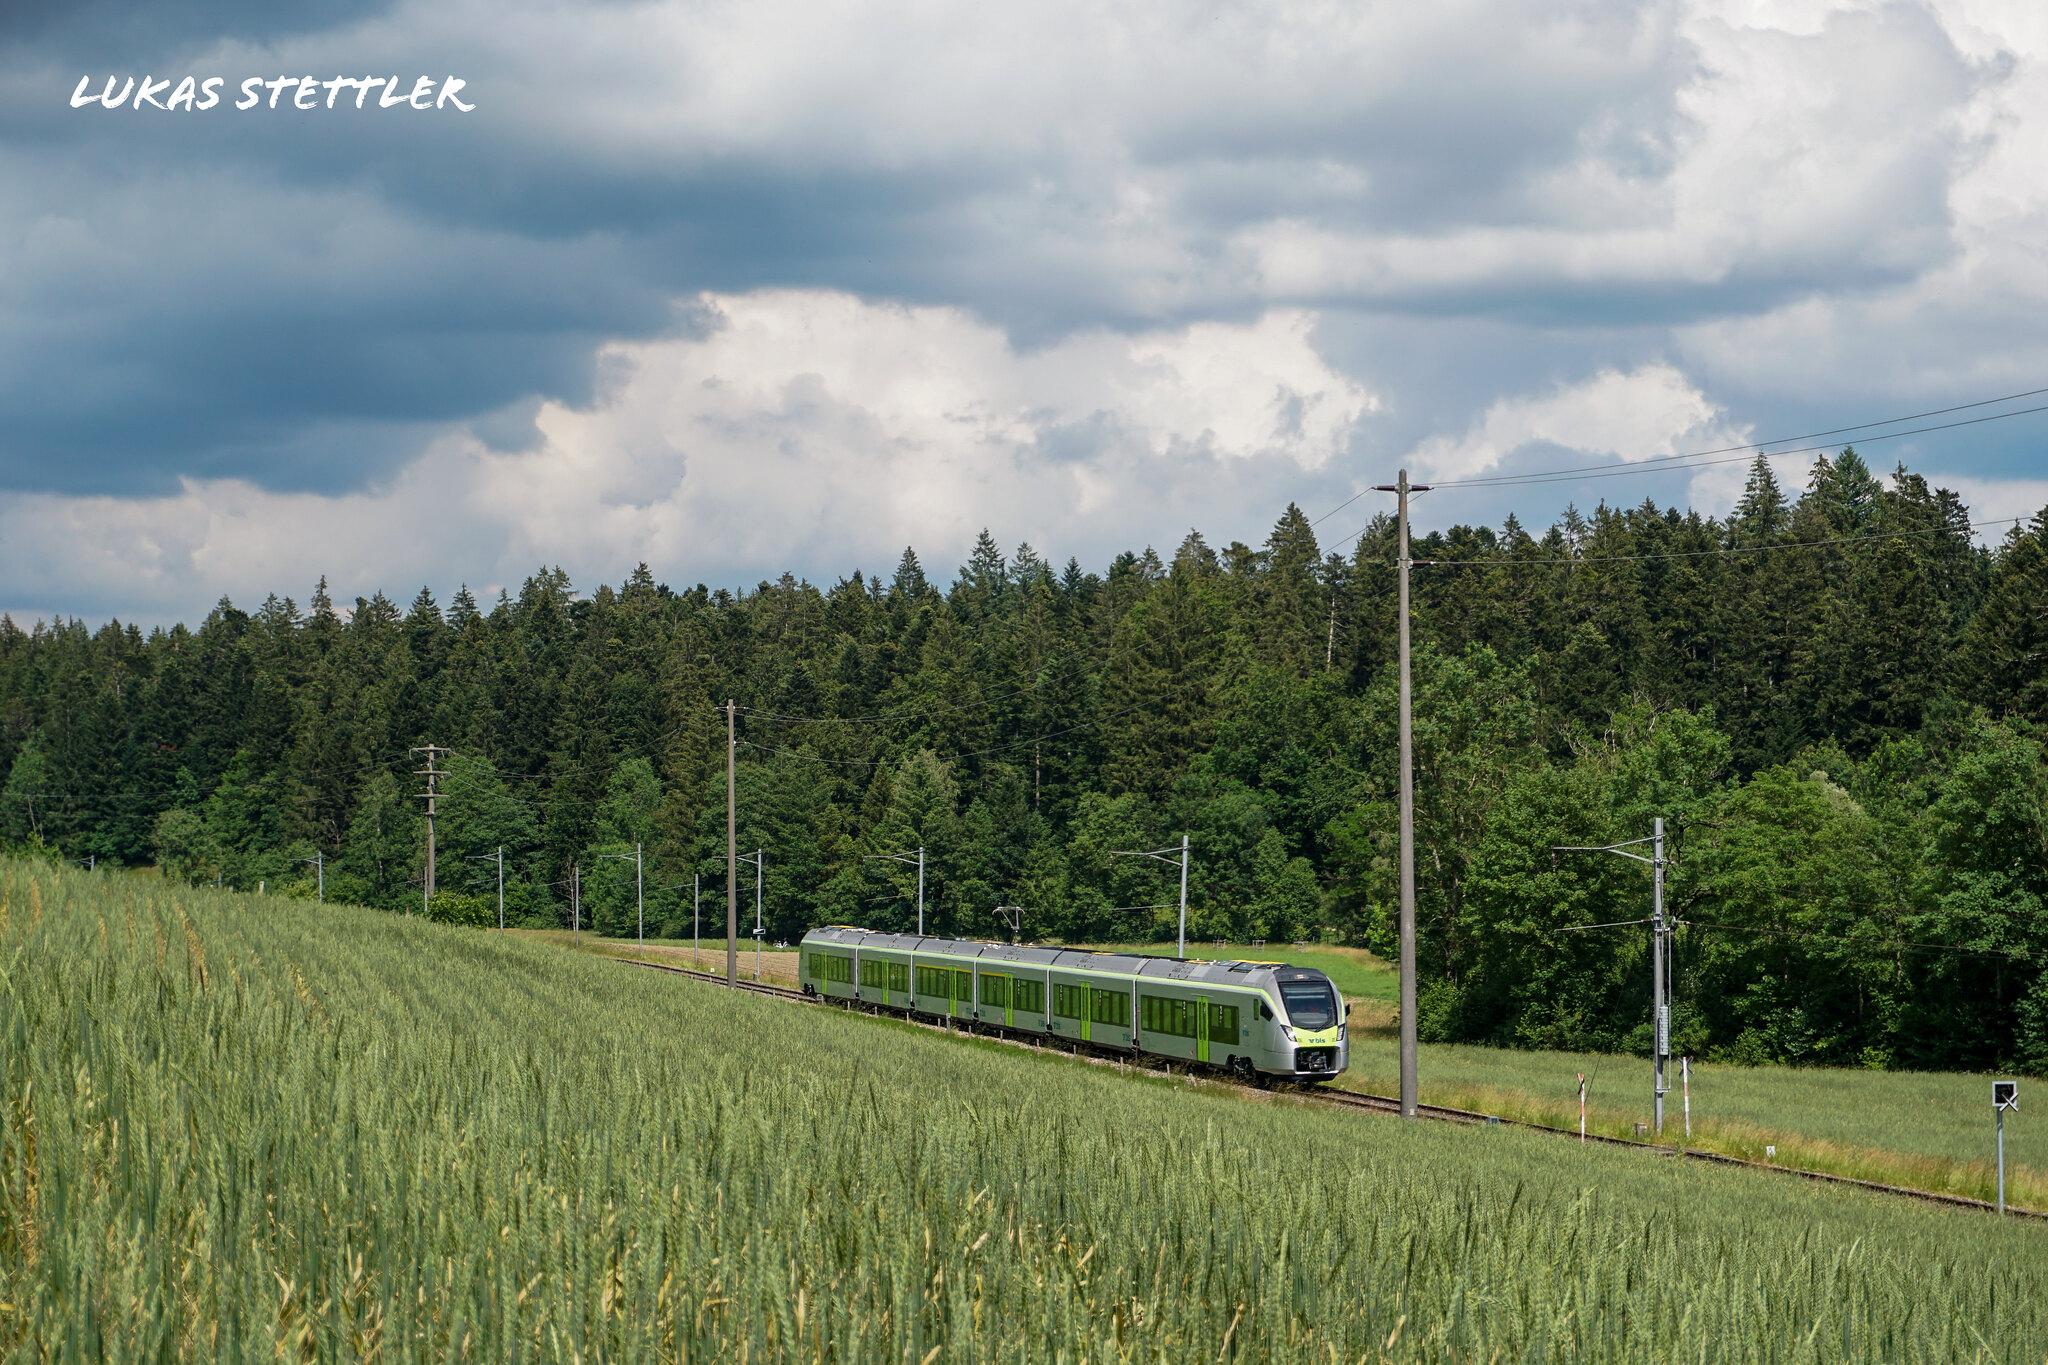 Stadlerrail (bls) RABe 528 102